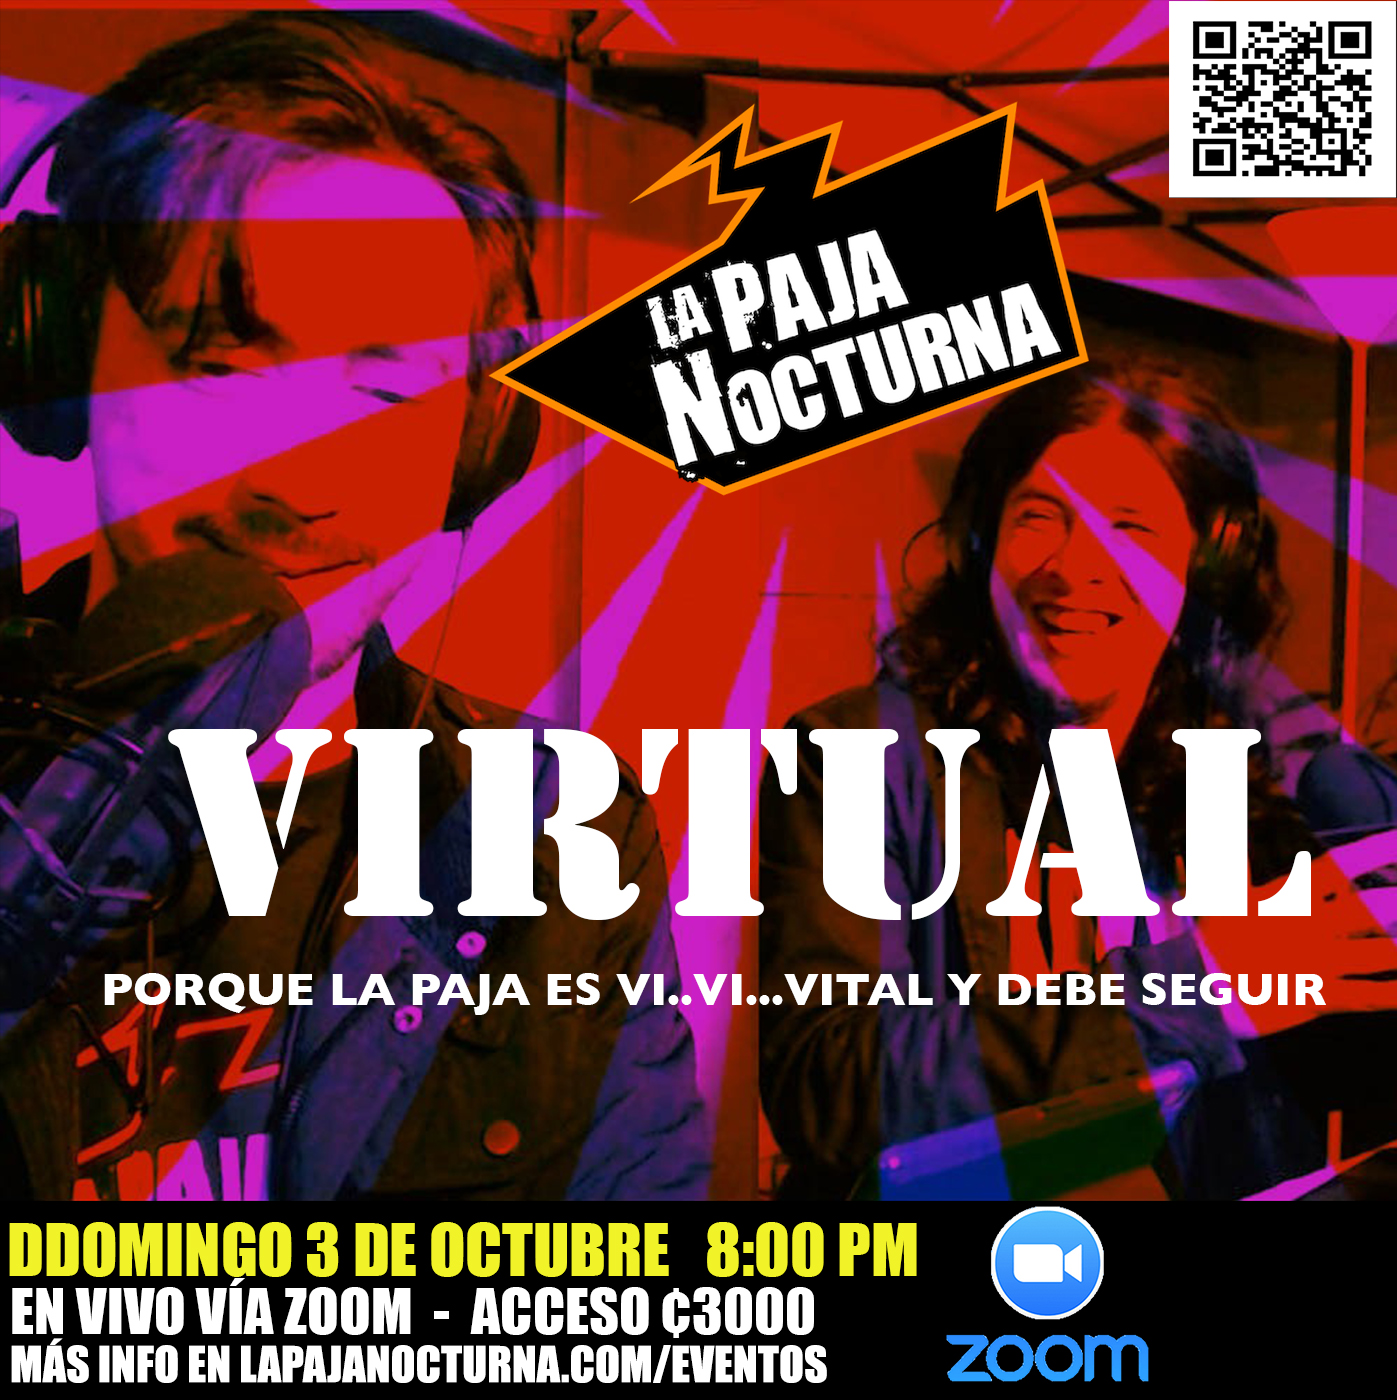 La Paja Nocturna En Vivo 3 Octubre